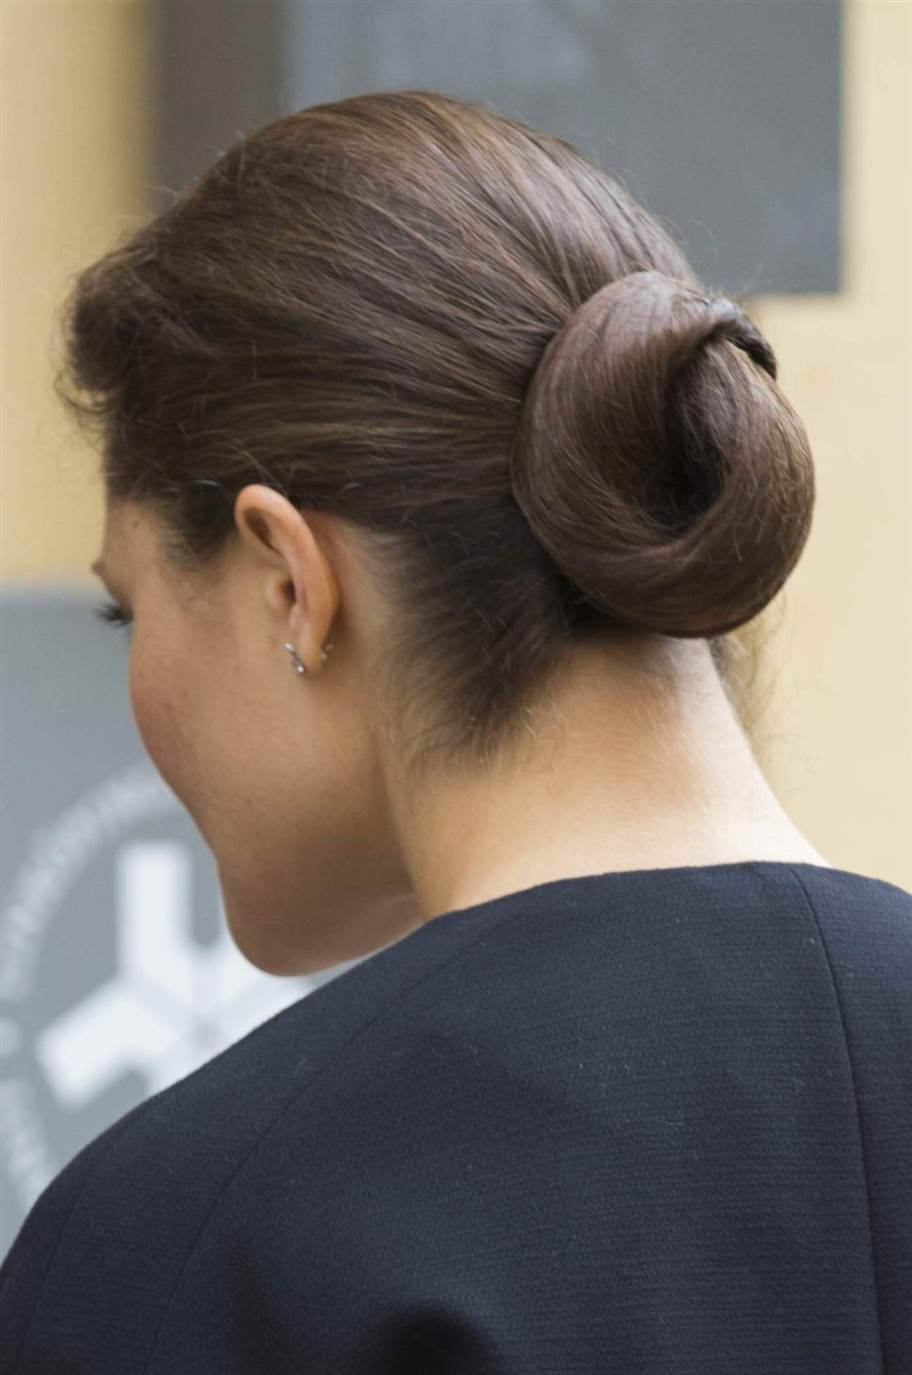 Le séminaire a été organisé par l'Université de Linköping, la princesse a débuté par une visite au Musée Arbetets